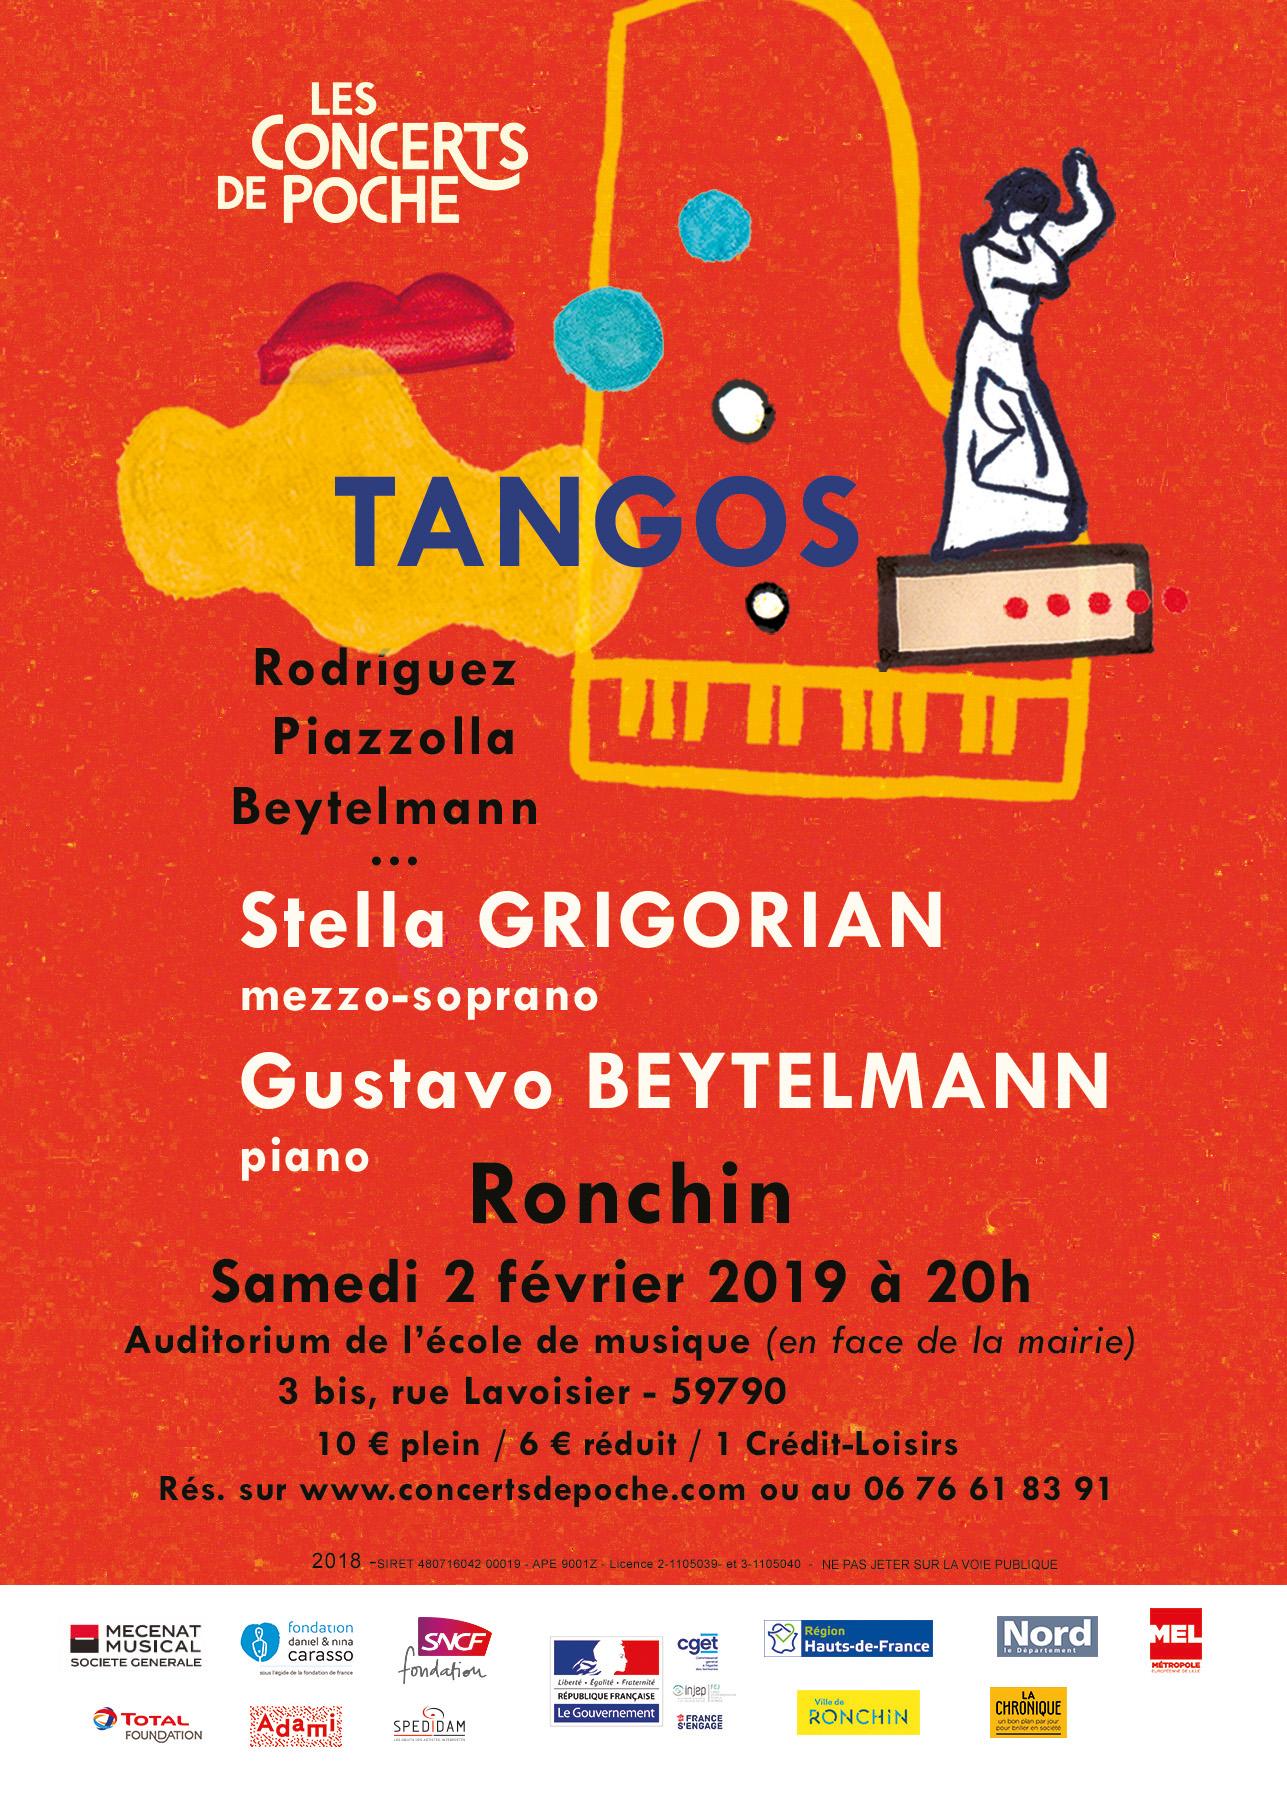 Tangos : Stella Grigorian et Gustavo Beytelmann